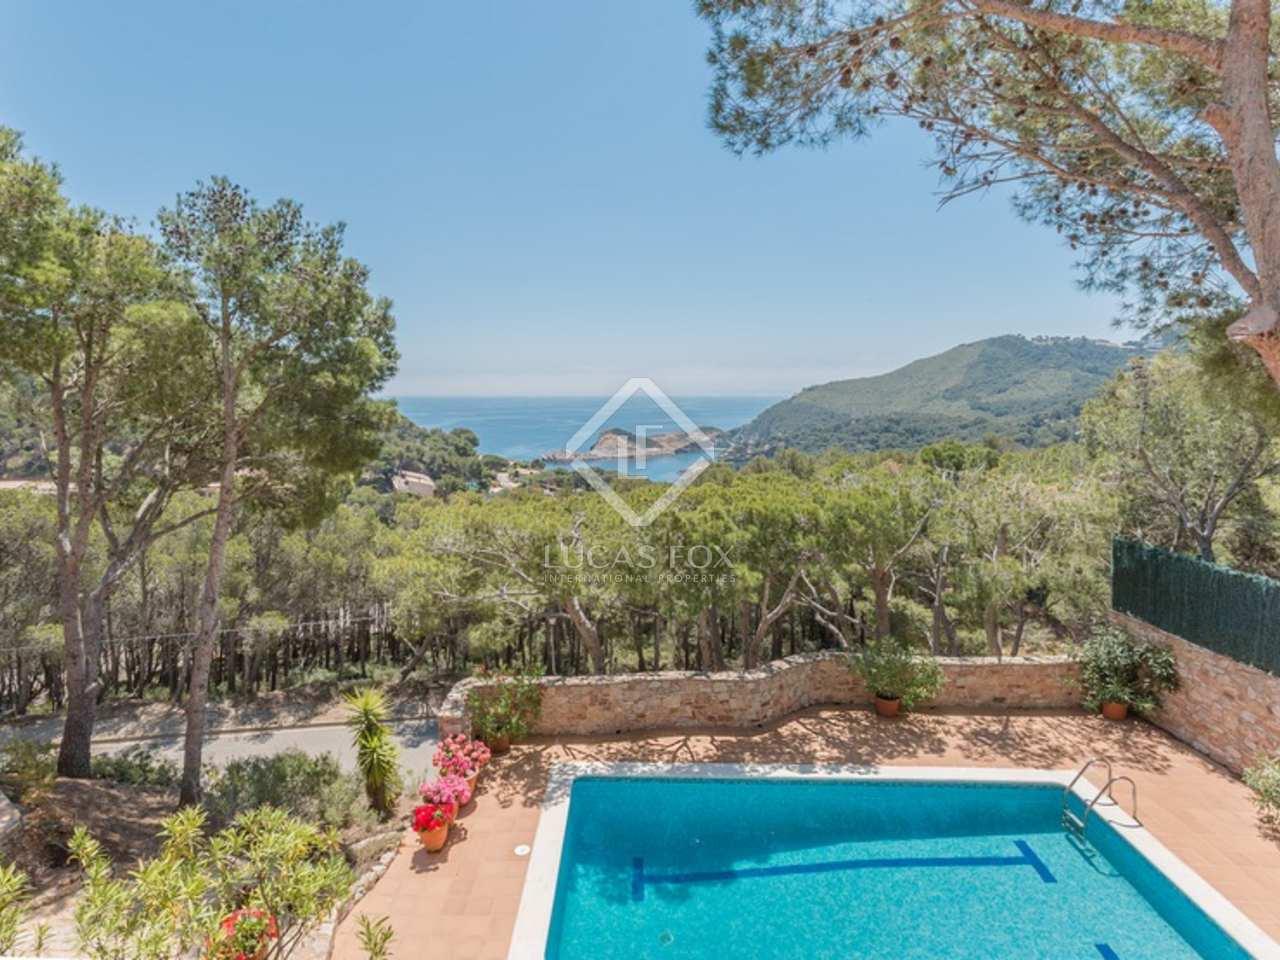 Villa vendre la costa brava pr s de begur avec des vues sur la mer fabule - Vendre sa part d indivision ...